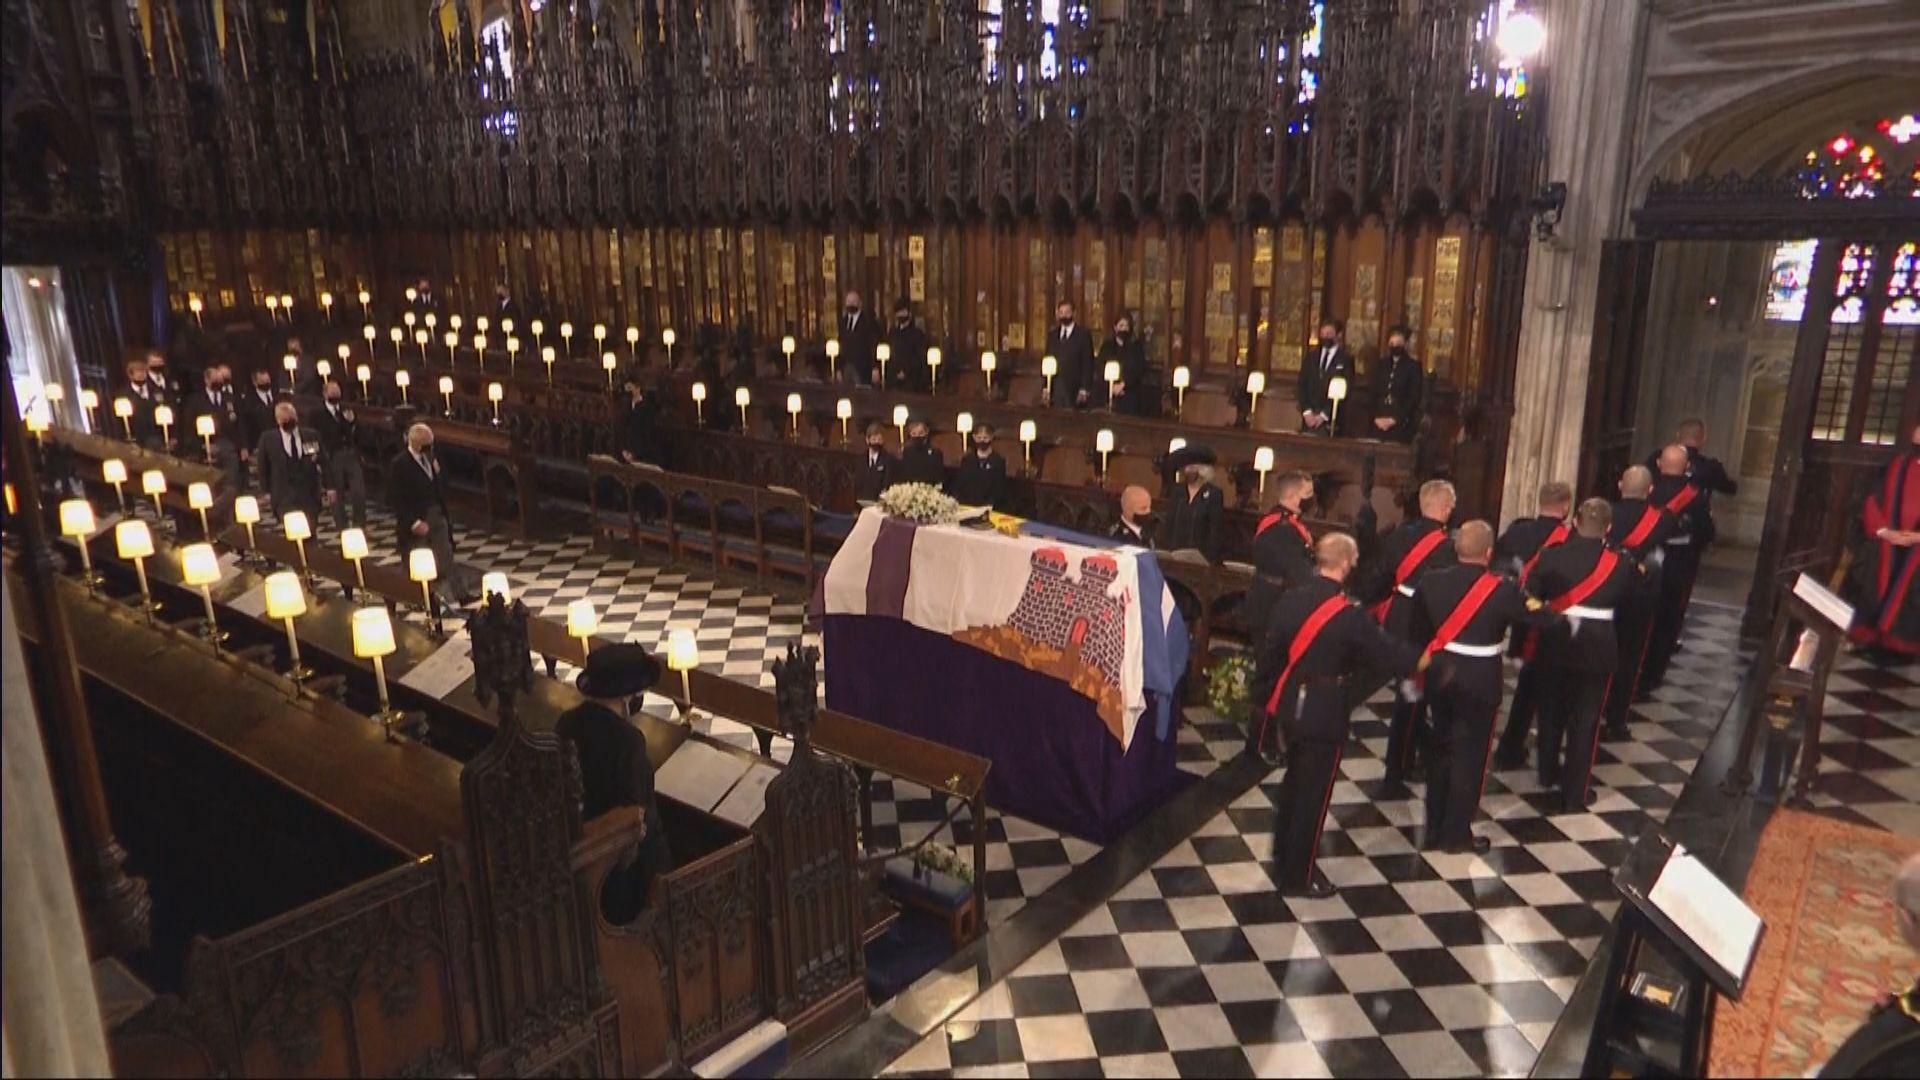 英國菲臘親王舉殯 喪禮在溫莎堡聖喬治教堂舉行